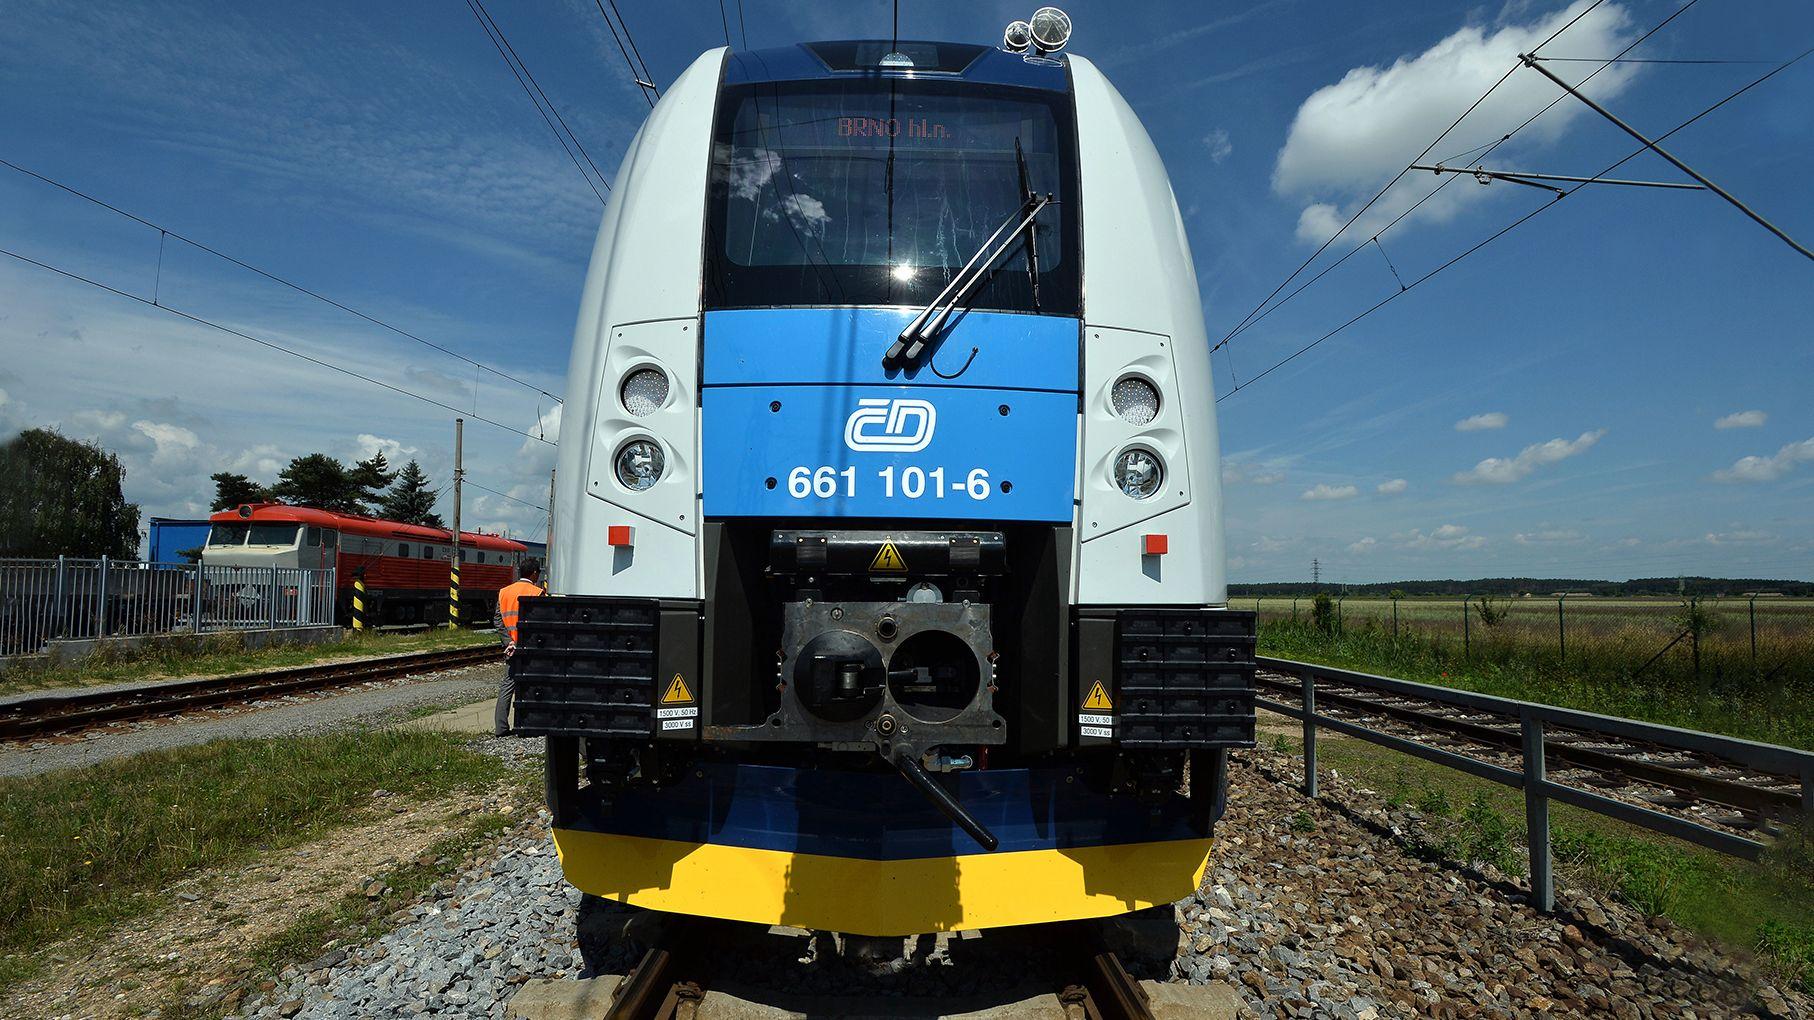 Ein blau-grau-gelber Zug aus Tschechien steht auf einem Gleis an einem Bahnhof, im Hintergrund ist eine unbebaute Landschaft zu sehen.